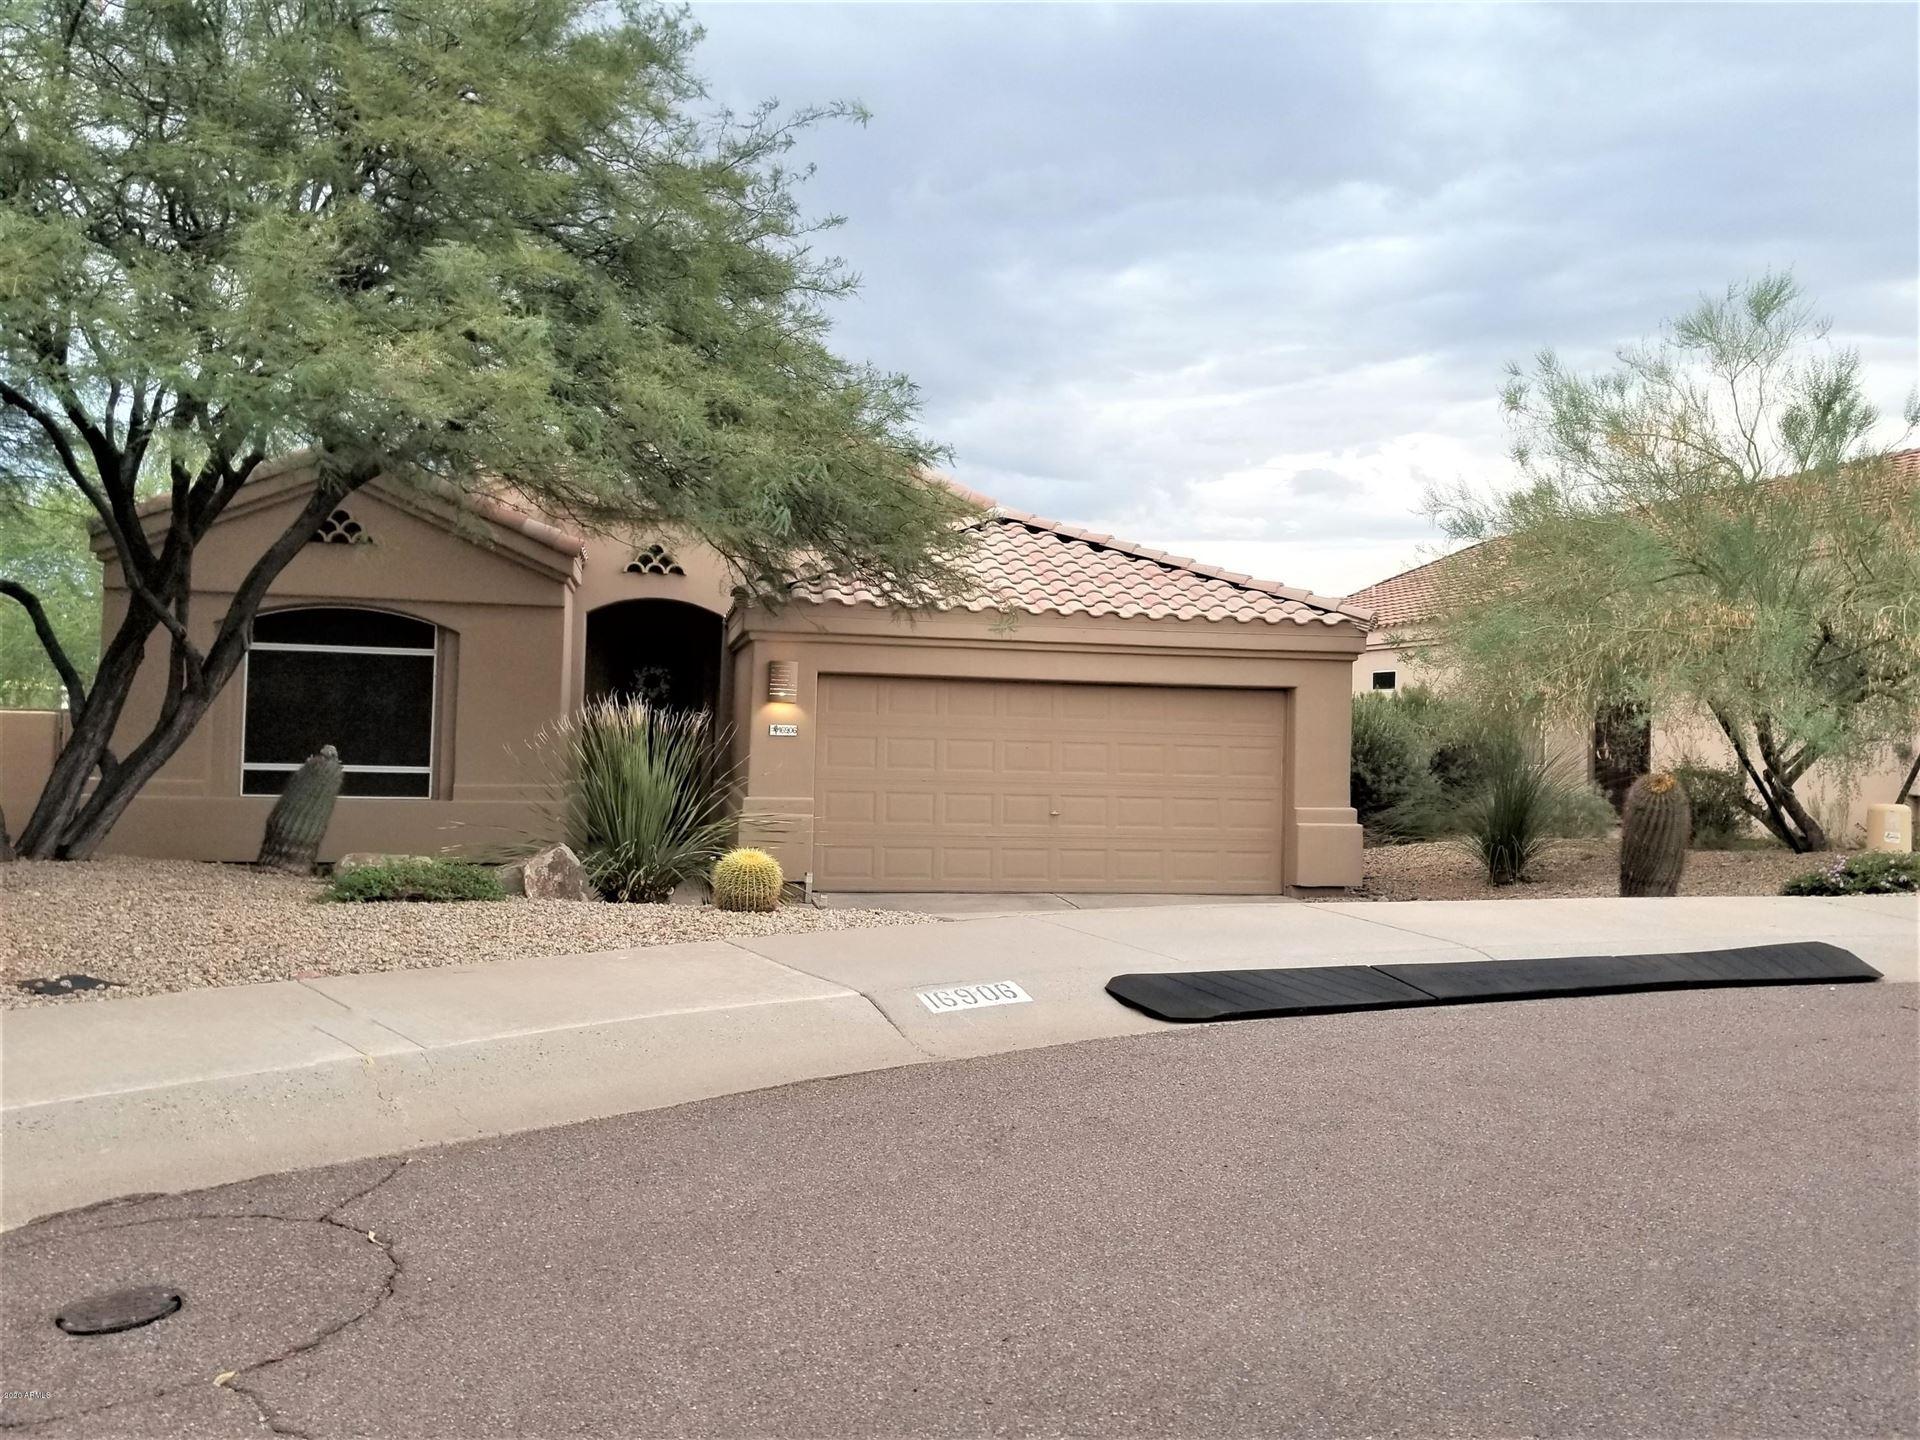 Photo of 16906 E BRITT Court, Fountain Hills, AZ 85268 (MLS # 6270672)